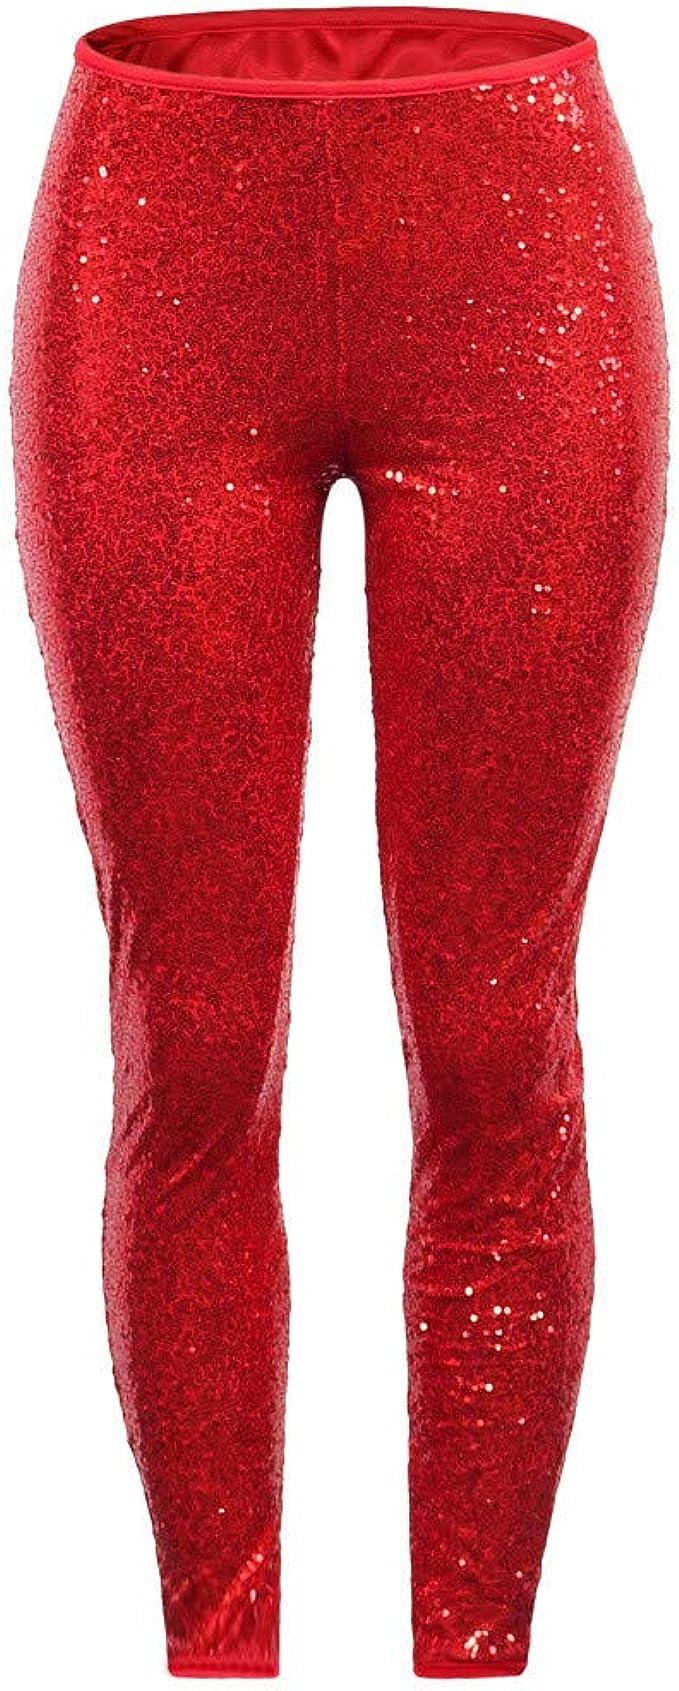 Leggings sp/écial grossesse STRIR-Ropa Femme